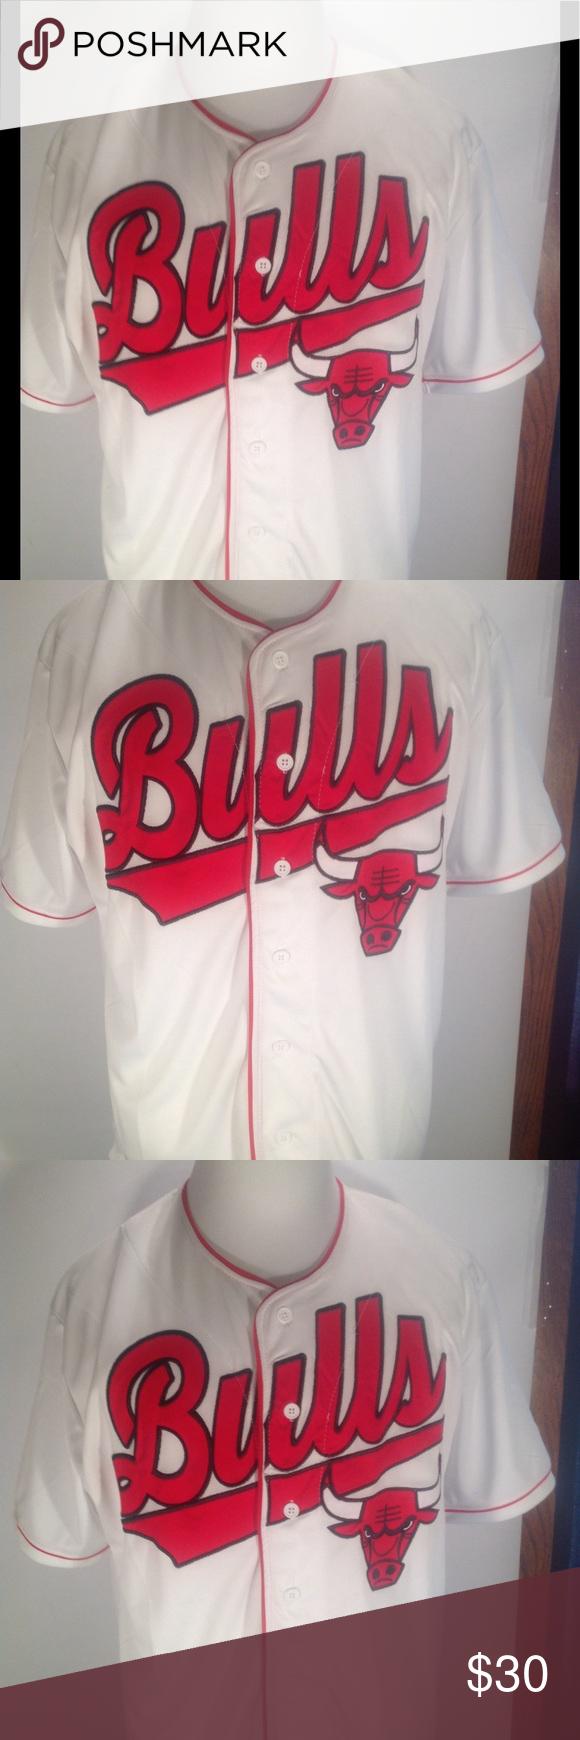 d669aca6d571c ... ireland chicago bulls button down jersey style shirt nwt brand new chicago  bulls button up jersey